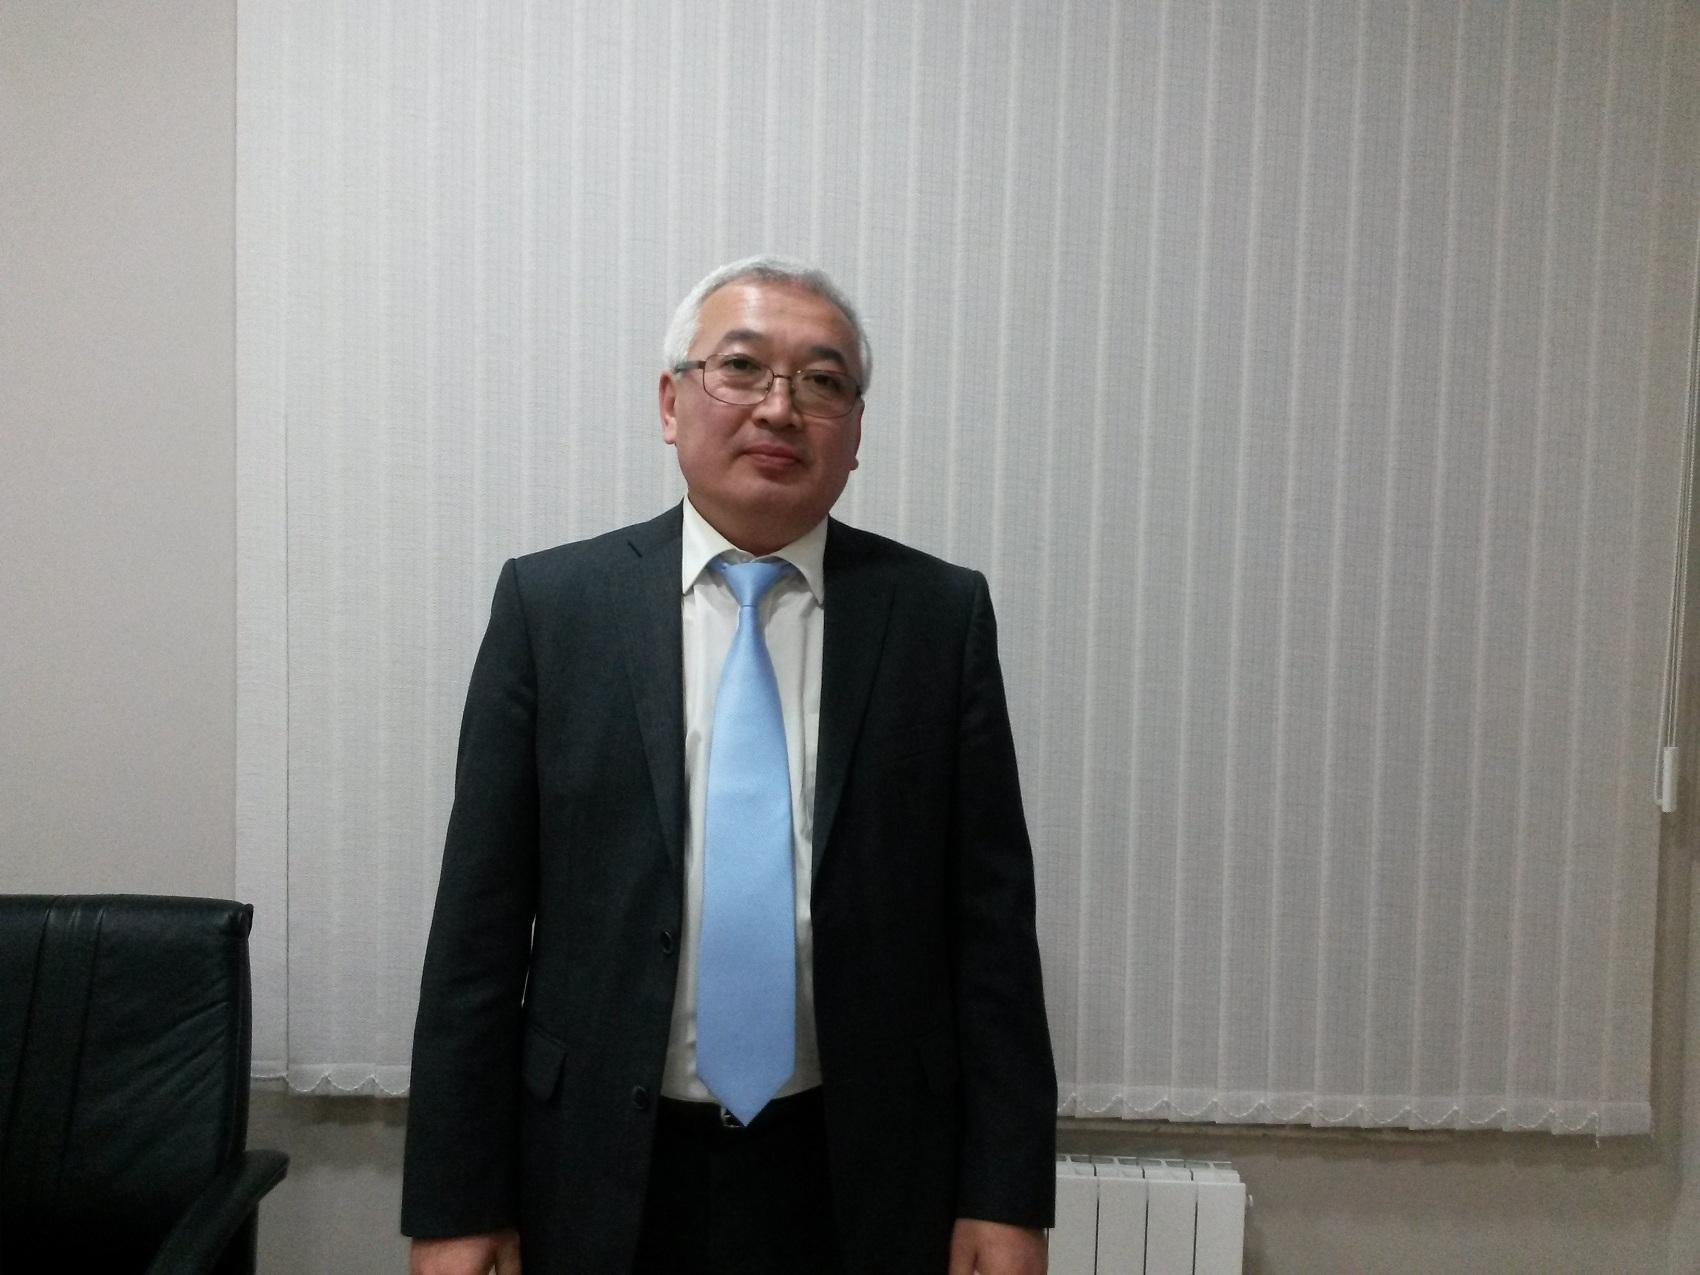 Qırğızıstan XİN: Azərbaycanla münasibətlər Qırğızıstan üçün prioritet məsələdir